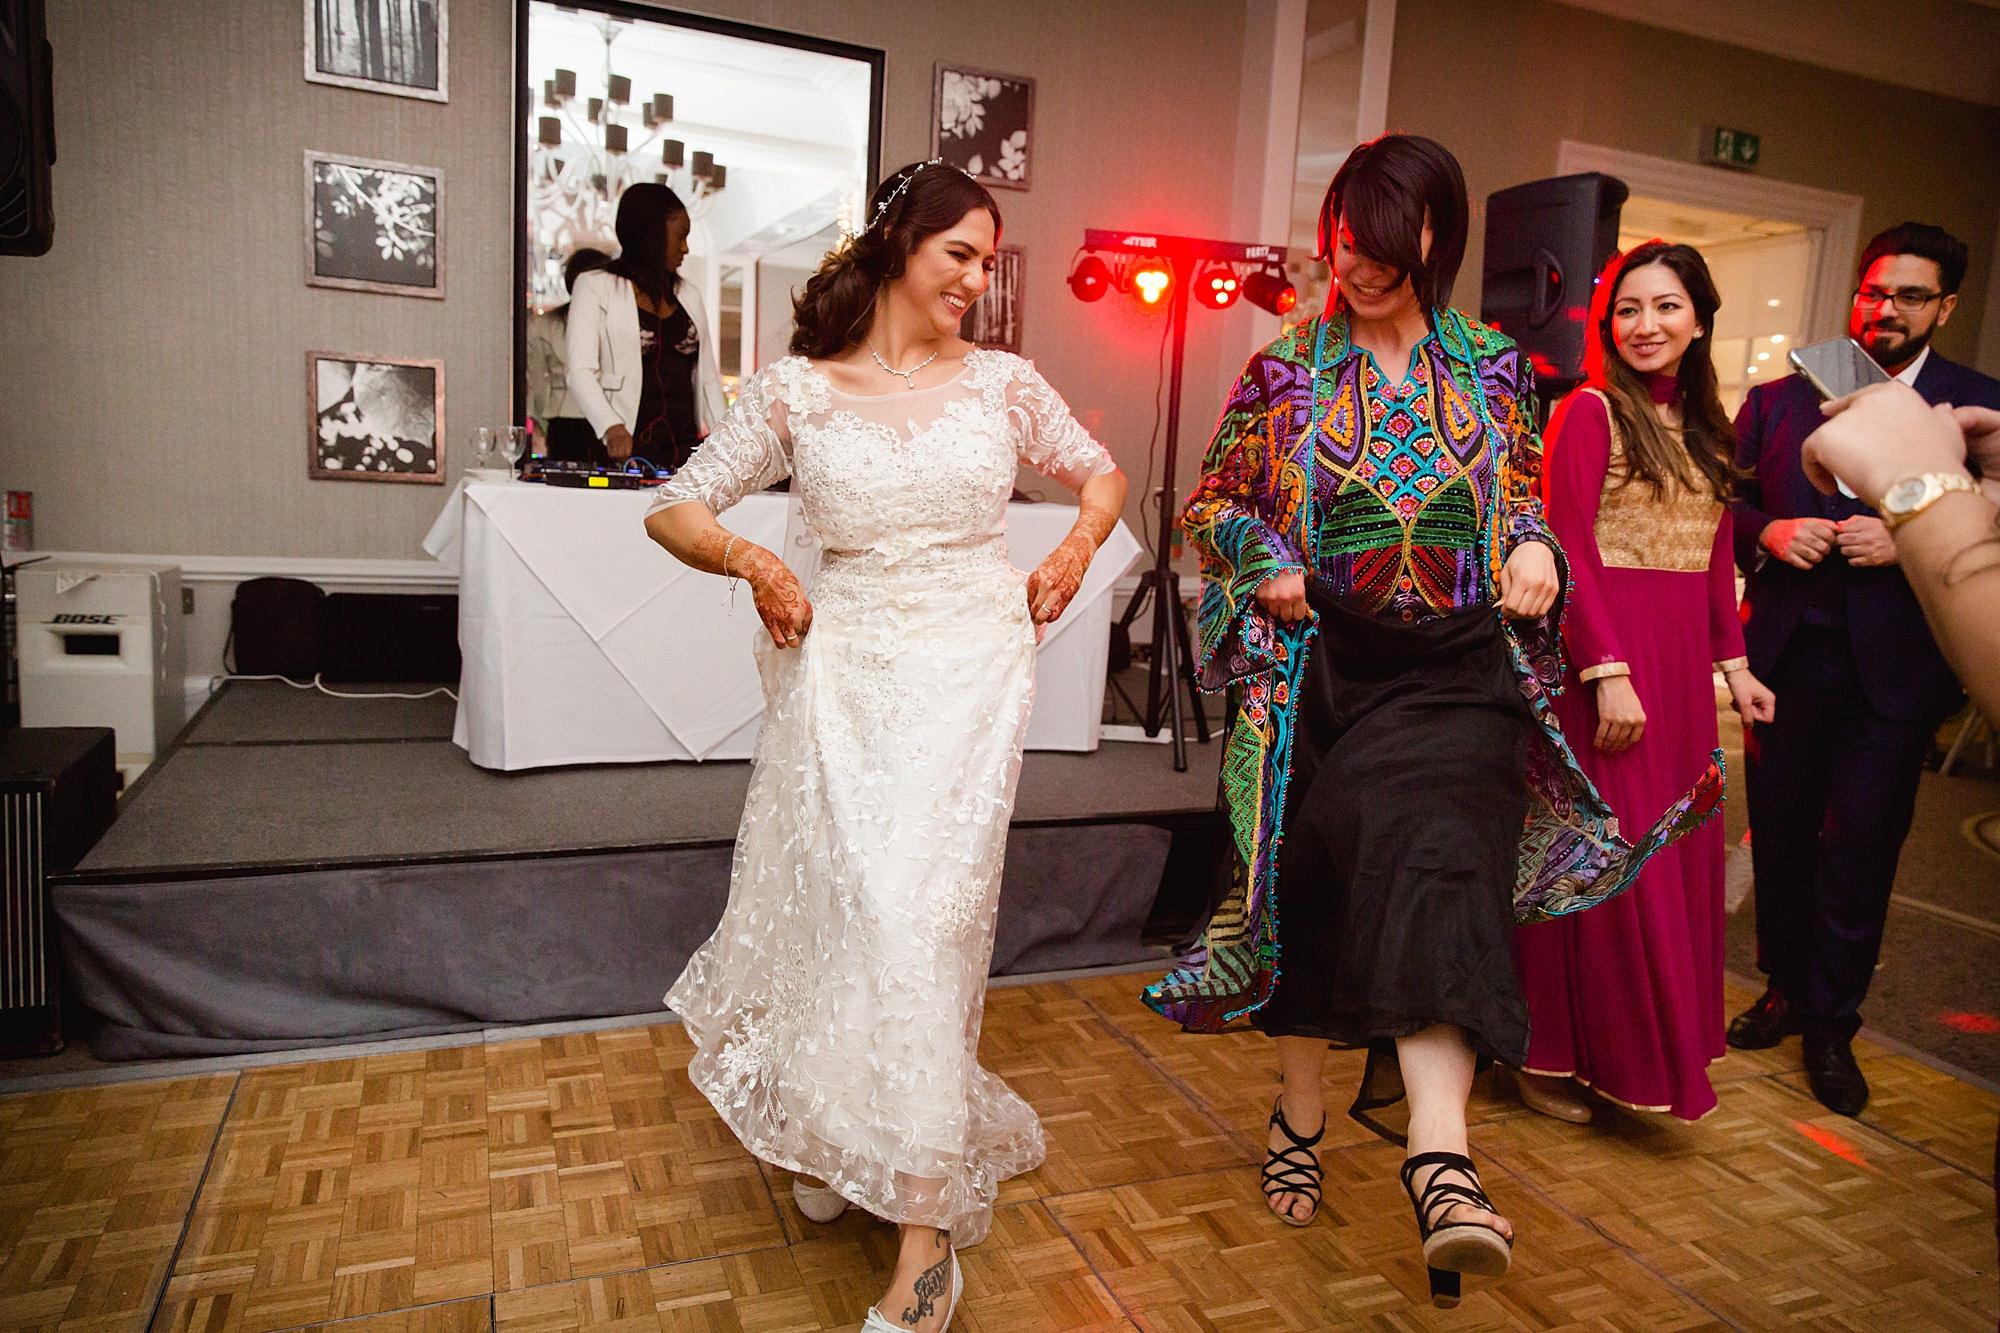 Richmond Hill Hotel wedding bride dancers with her friend